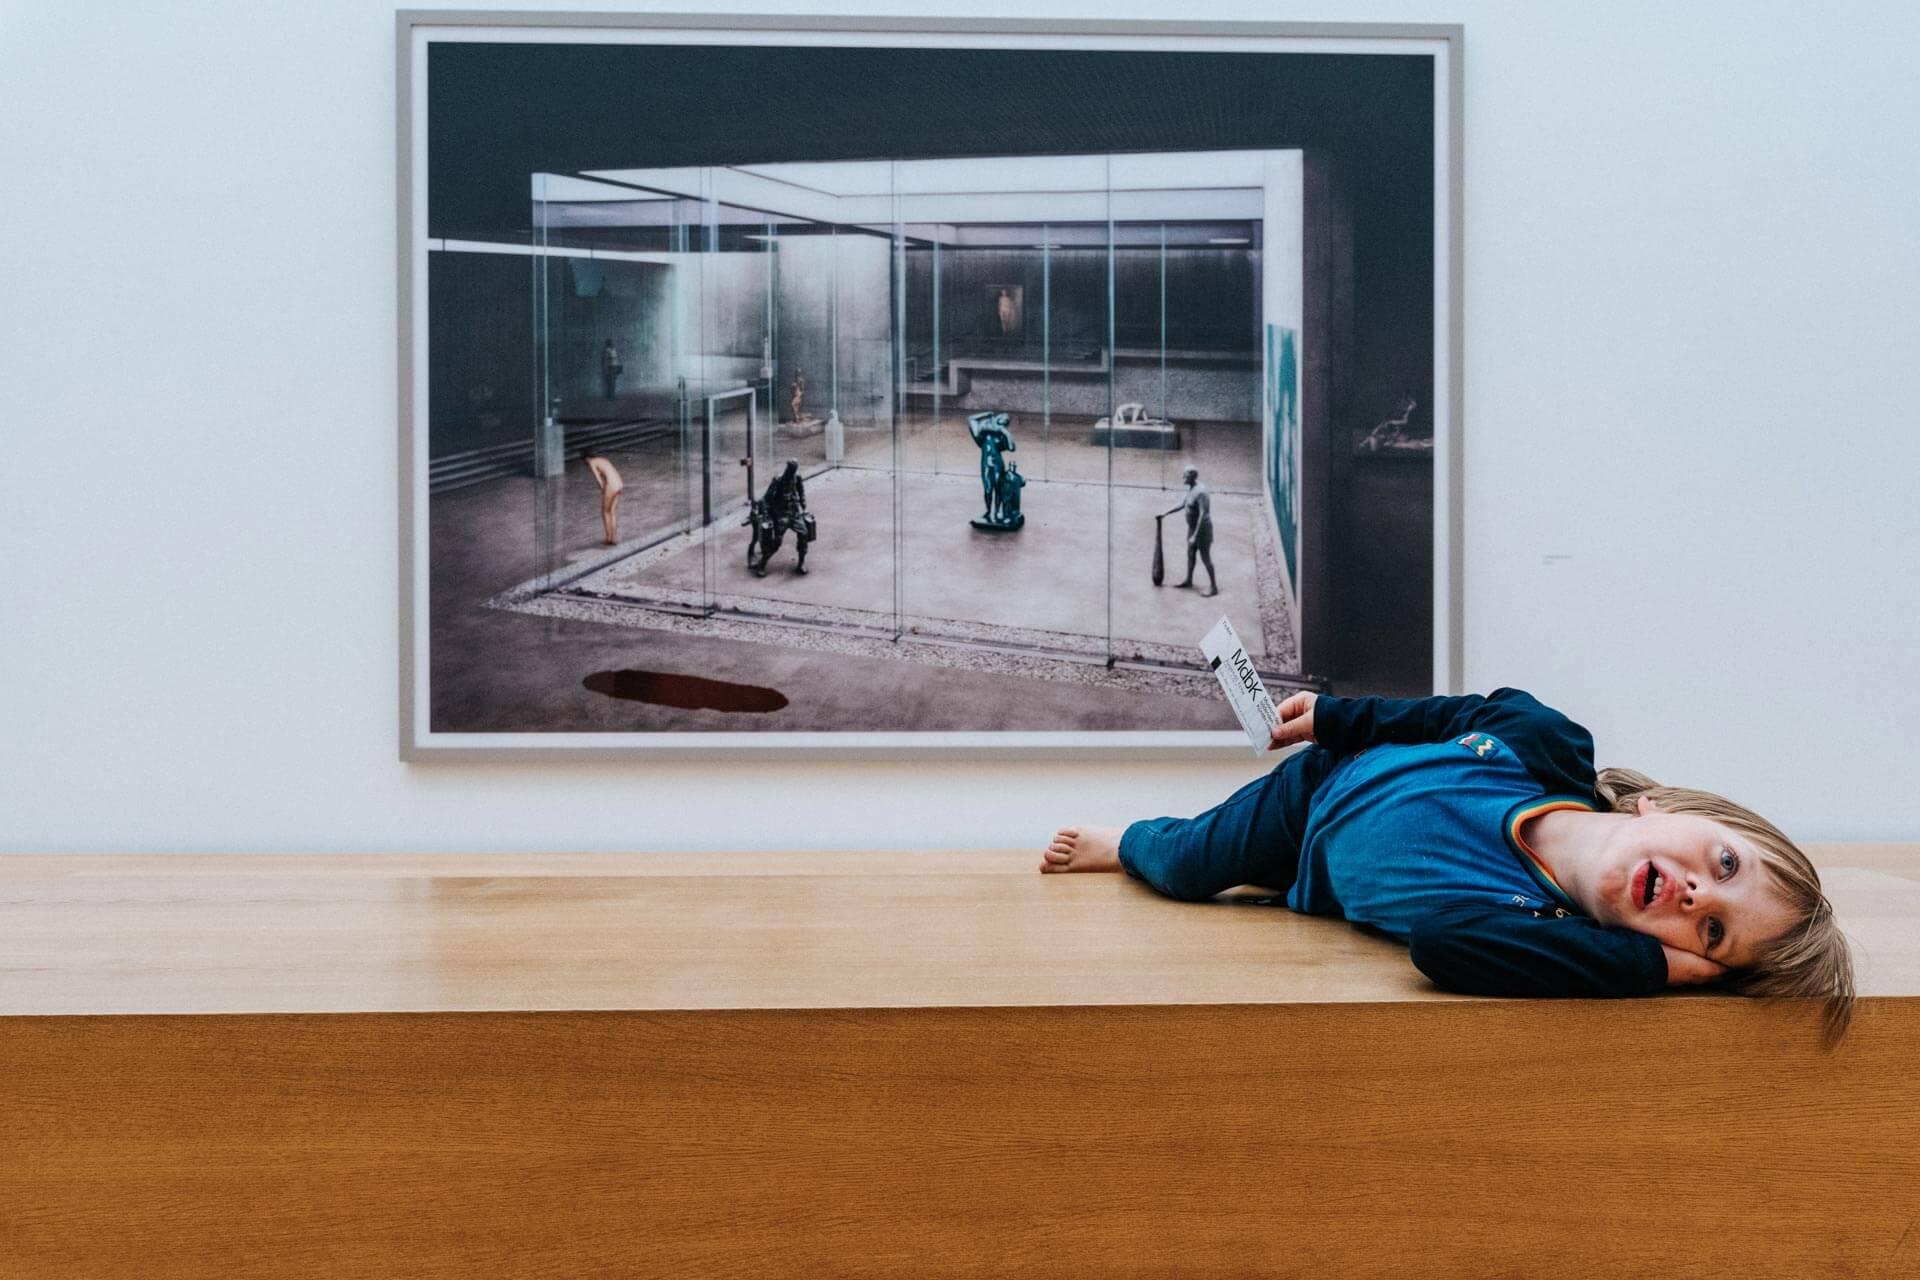 dokumentarische_familienfotografie_tabea_hoernlein_22_desktop